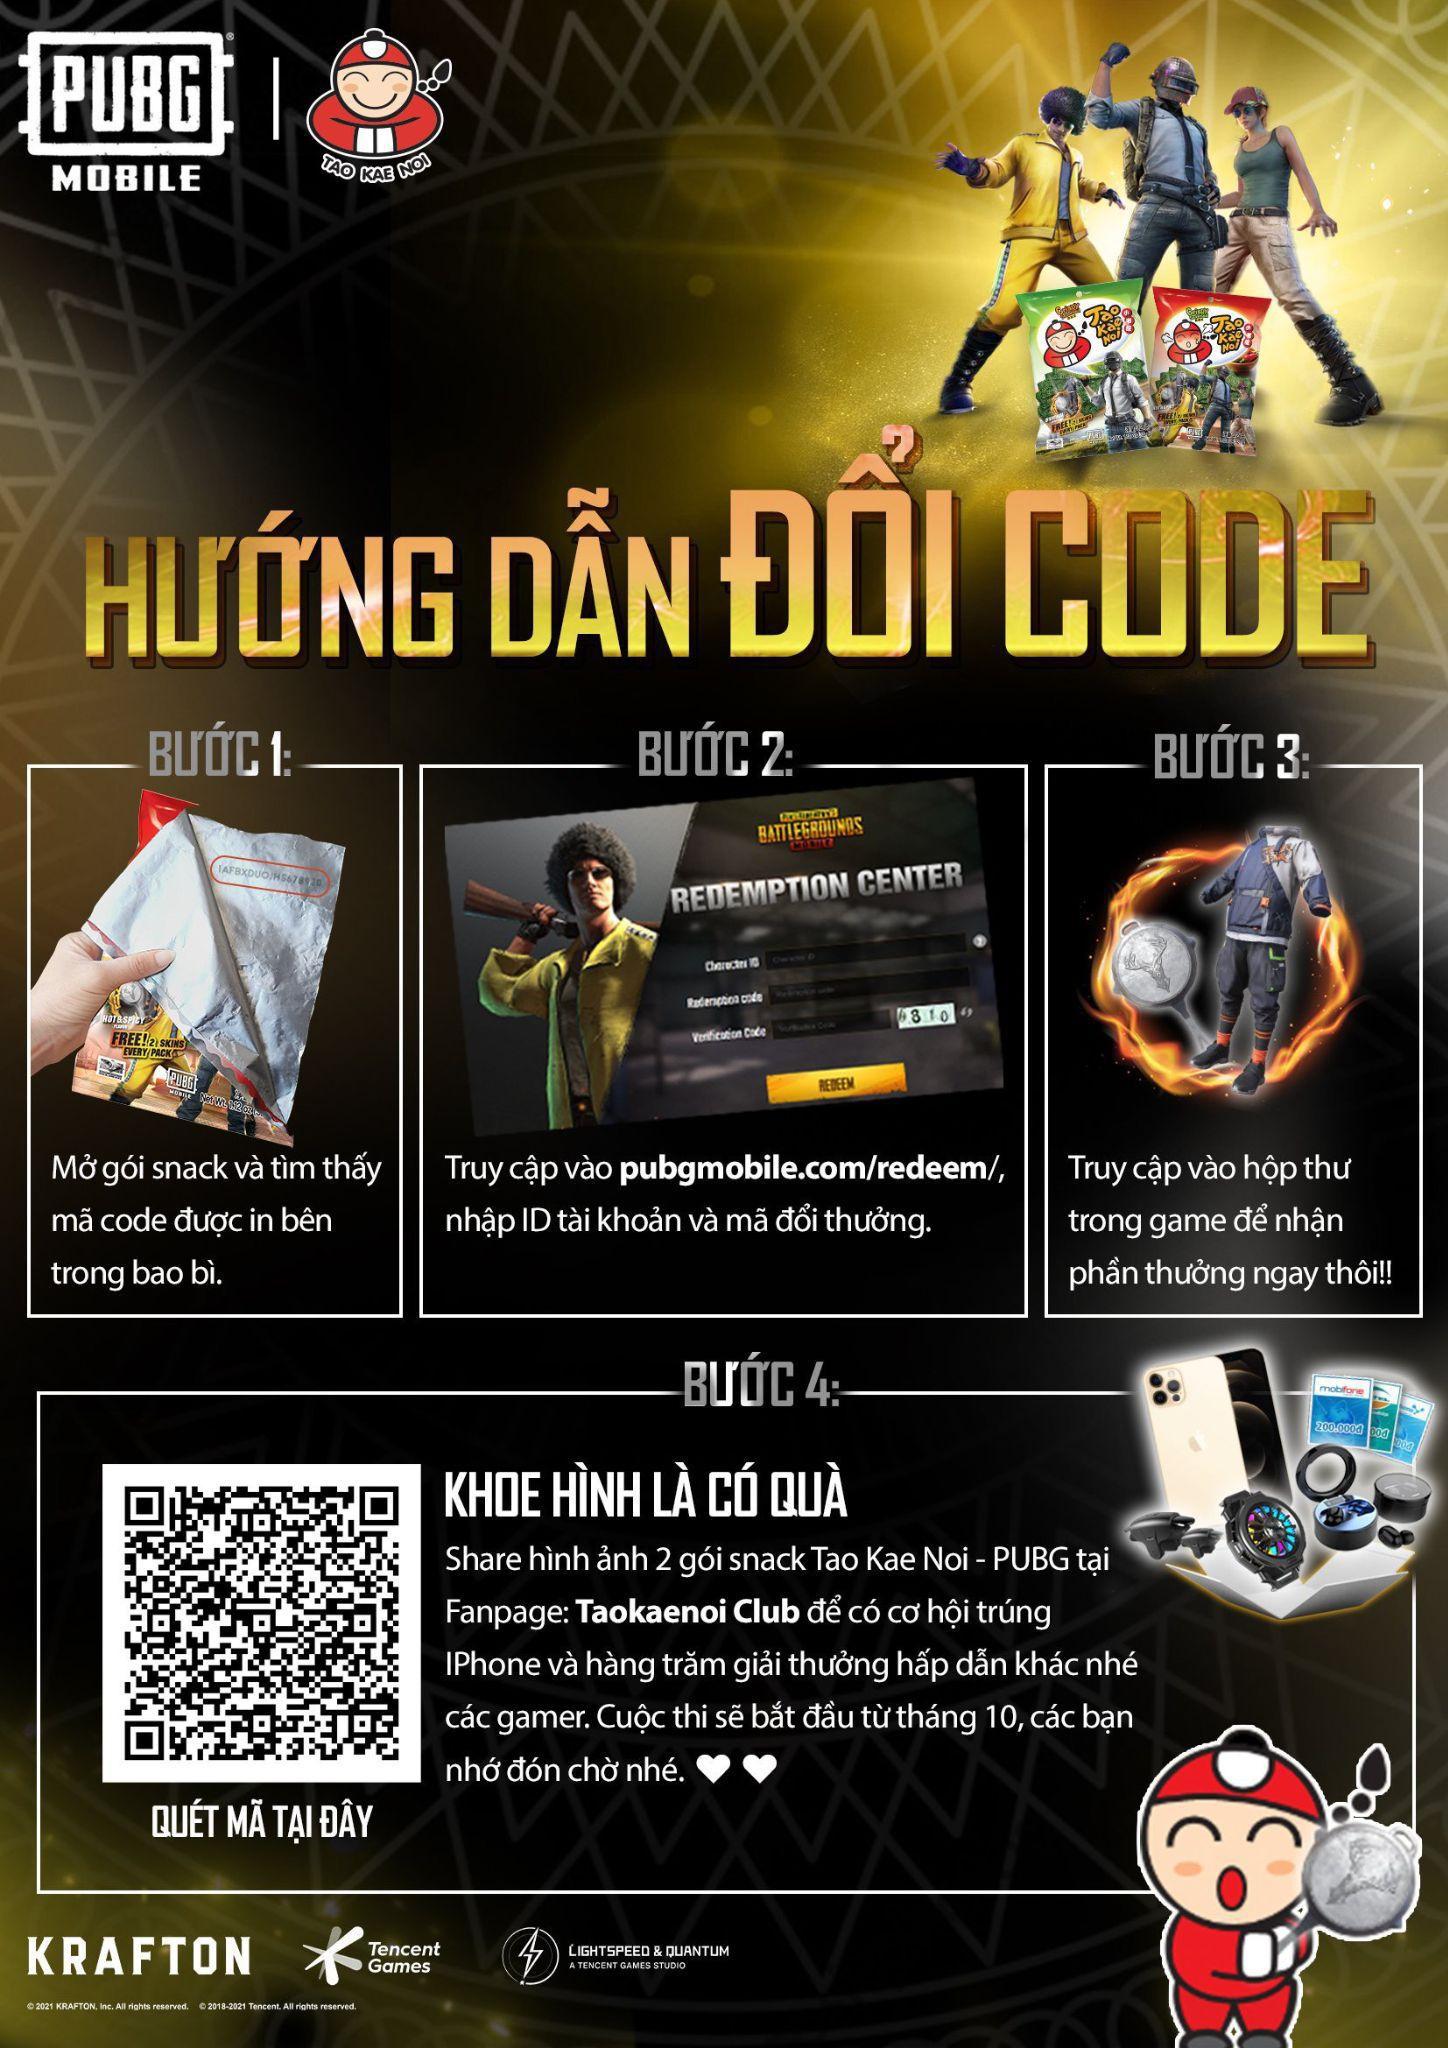 Đắm chìm trong chuỗi sự kiện hợp tác giữa PUBG Mobile và snack rong biển Tao Kae Noi - Ảnh 2.